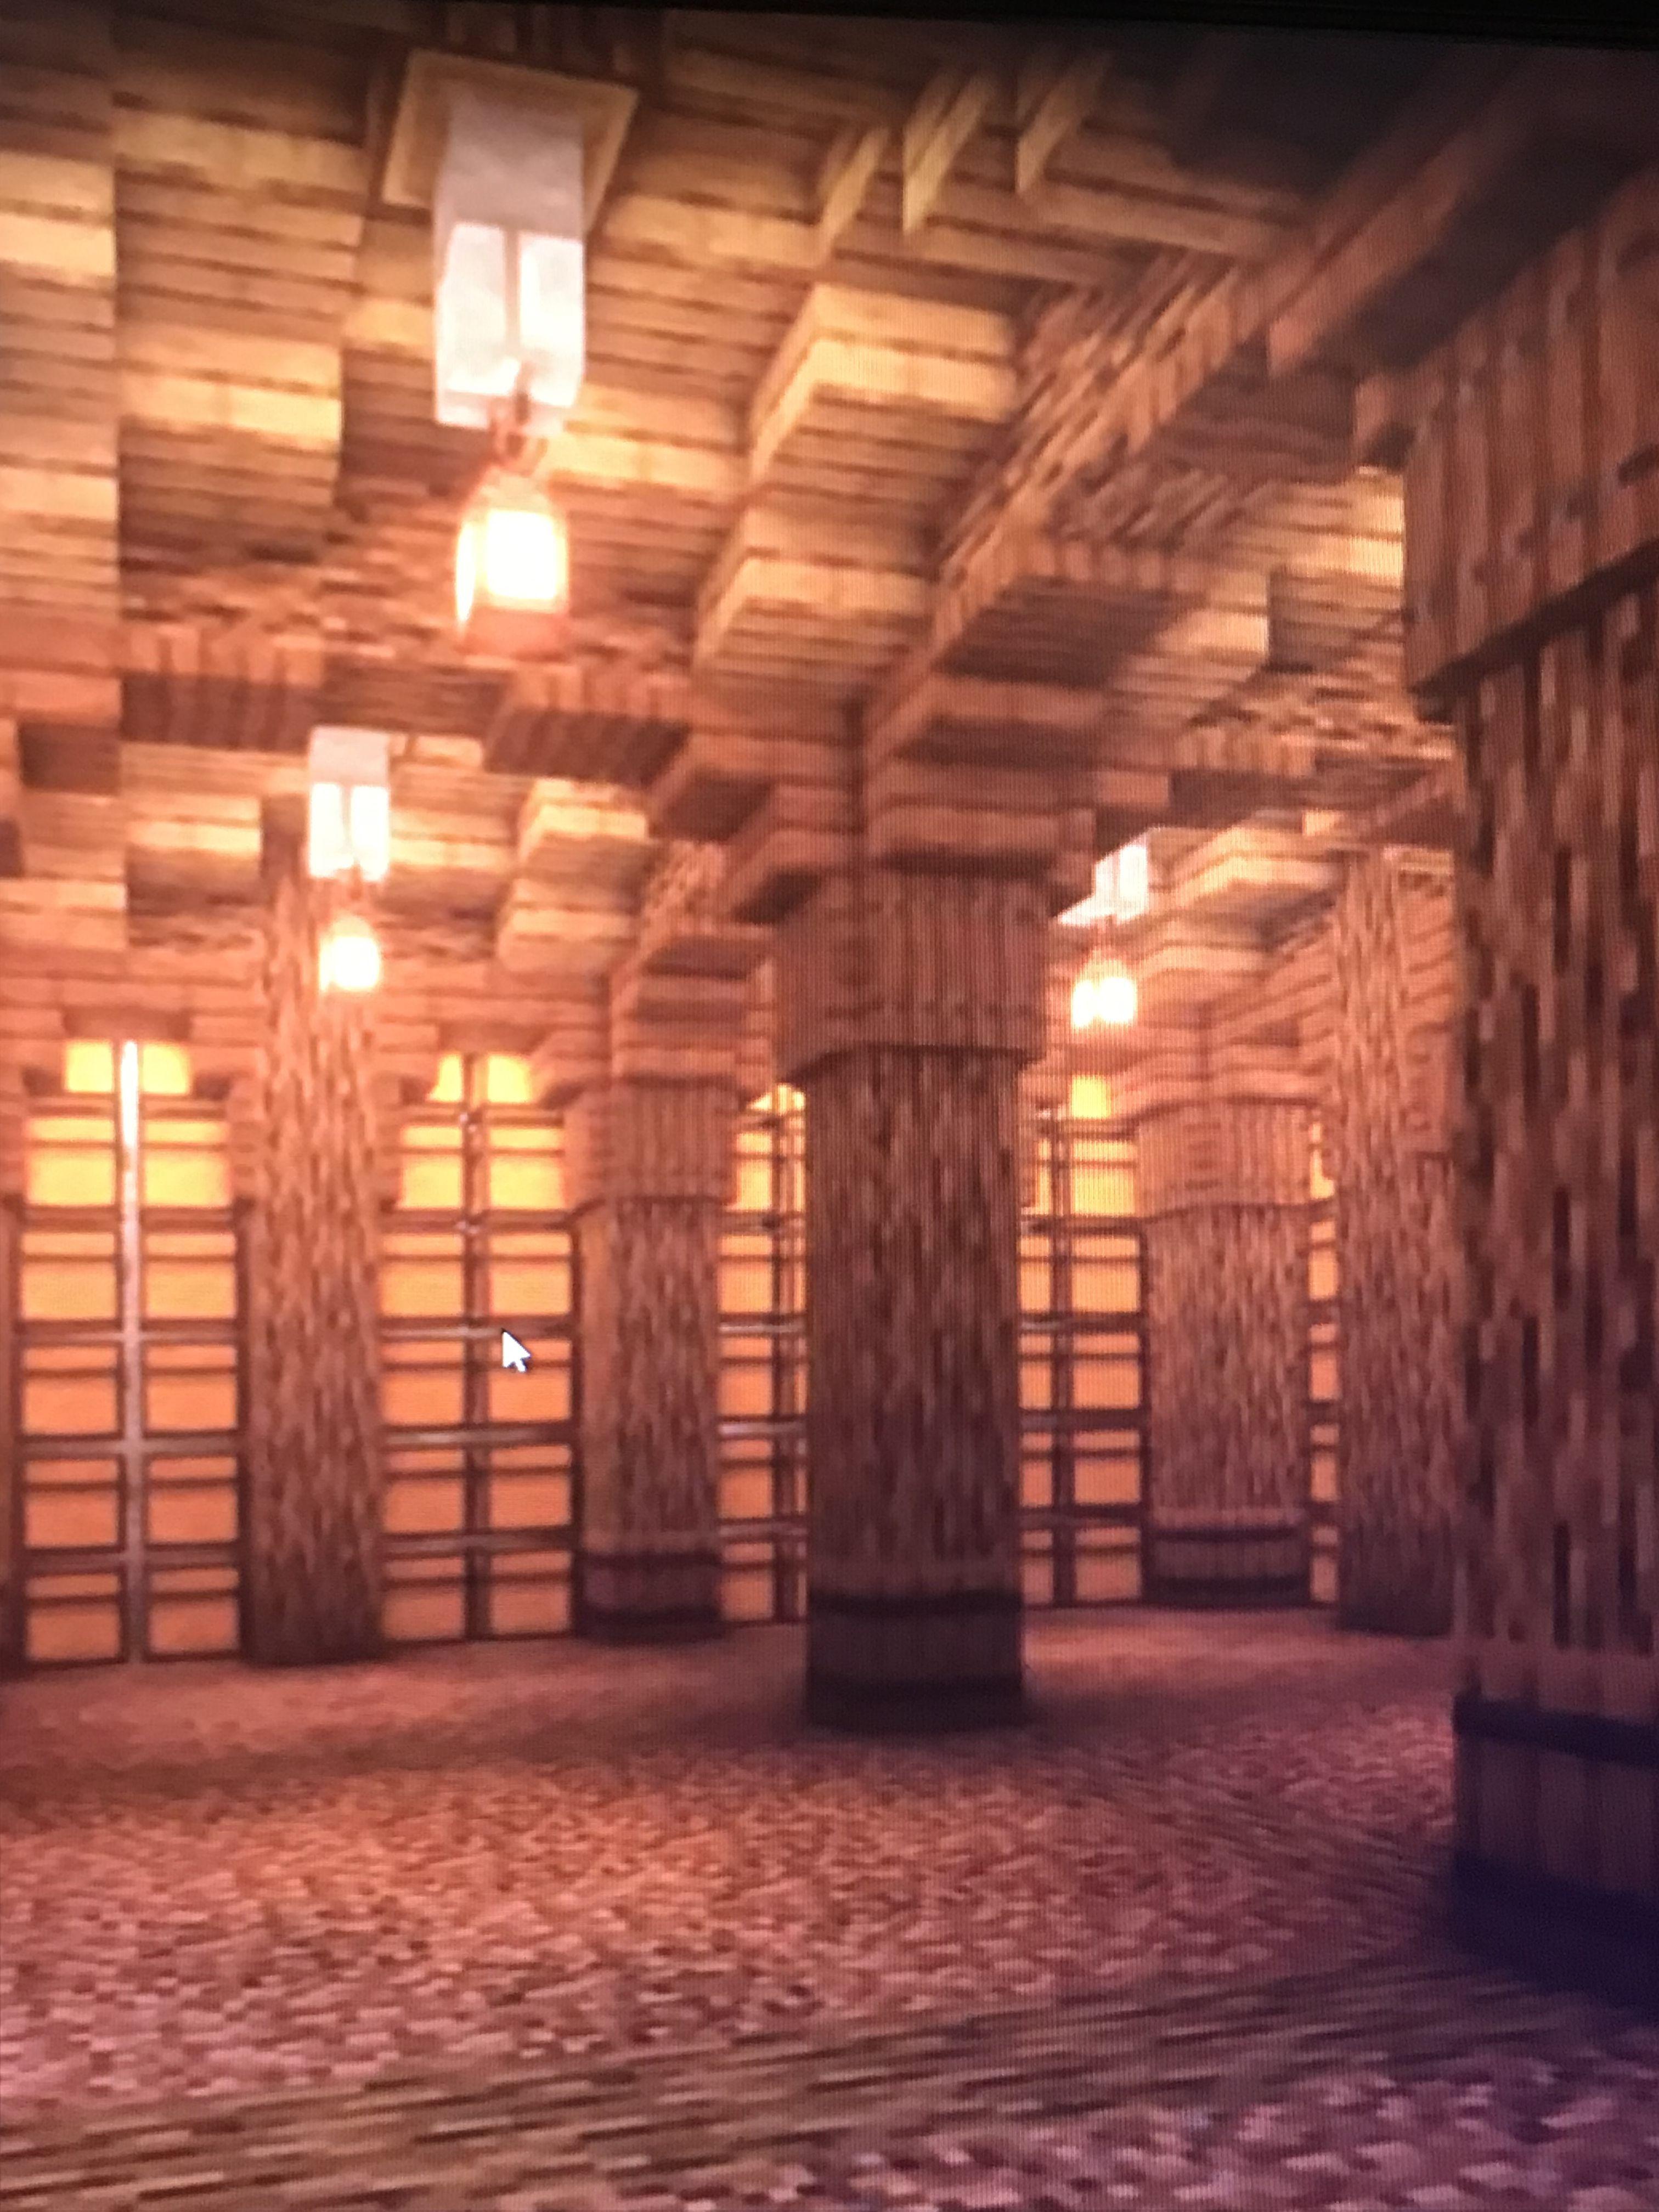 Old Storage Unit Minecraft Minecraftbuildingideas In 2020 Minecraft Architecture Minecraft Houses Minecraft Construction